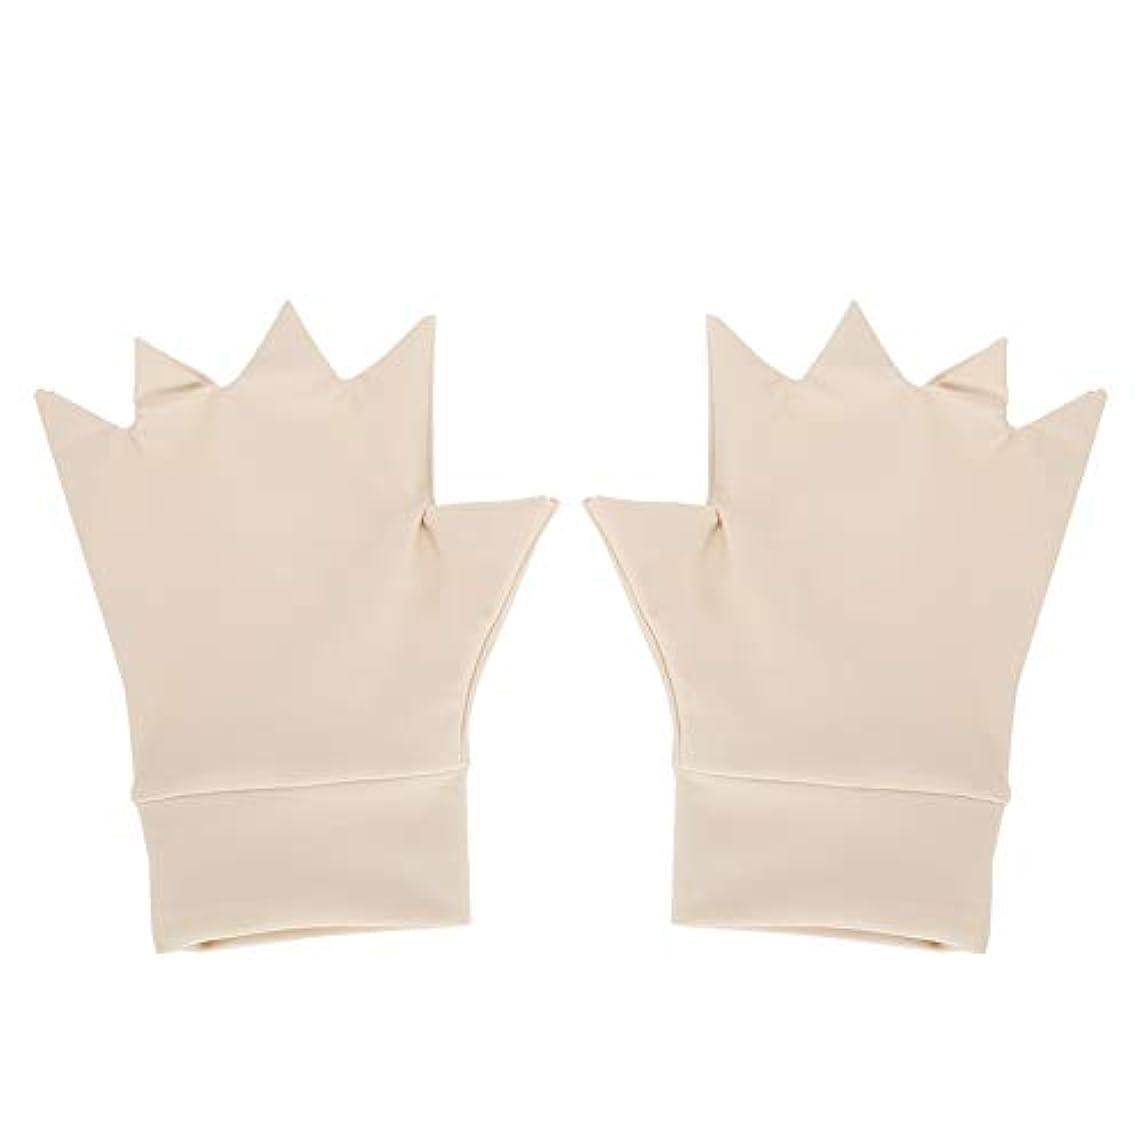 つかまえるアーカイブリスト抗関節炎の手袋、抗関節炎のヘルスケアの手袋の圧縮療法のリウマチの痛み